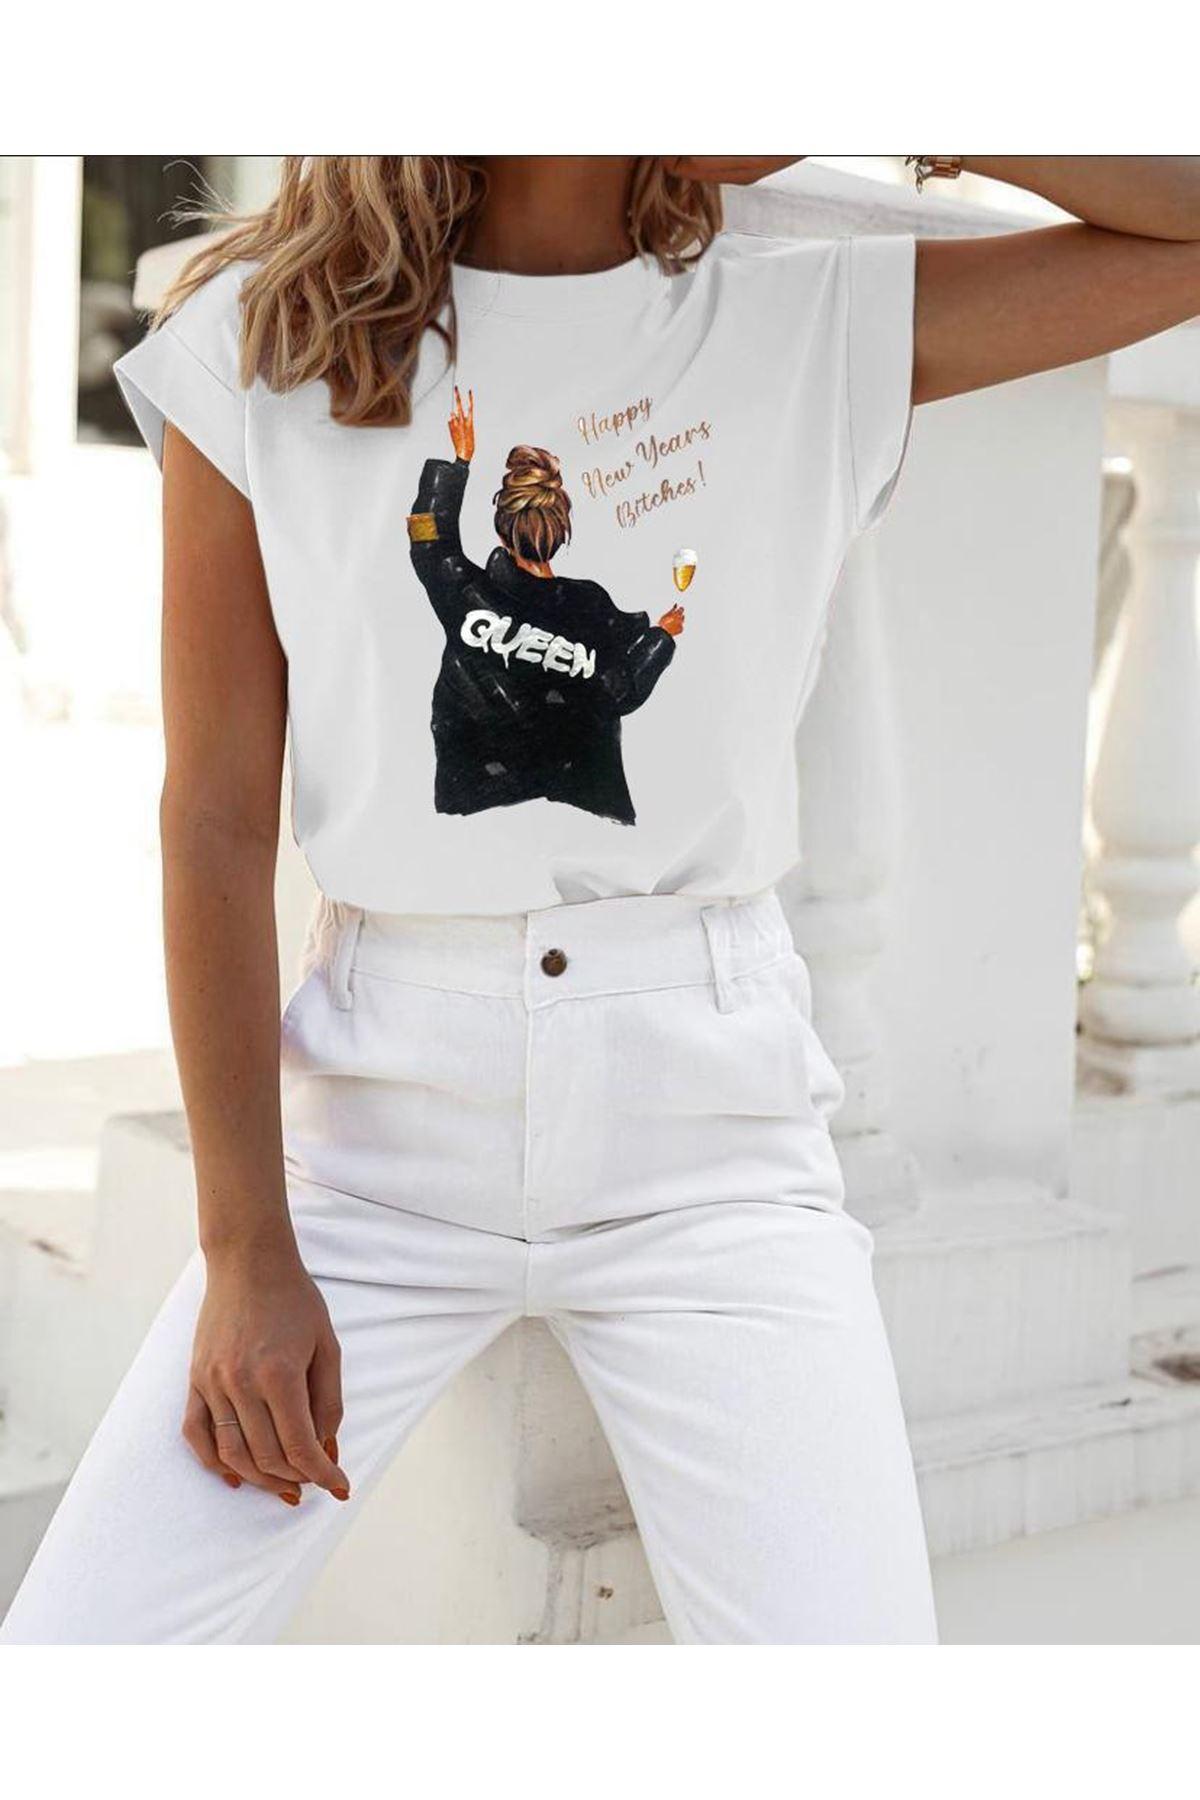 Quen Baskılı Tshirt - BEYAZ